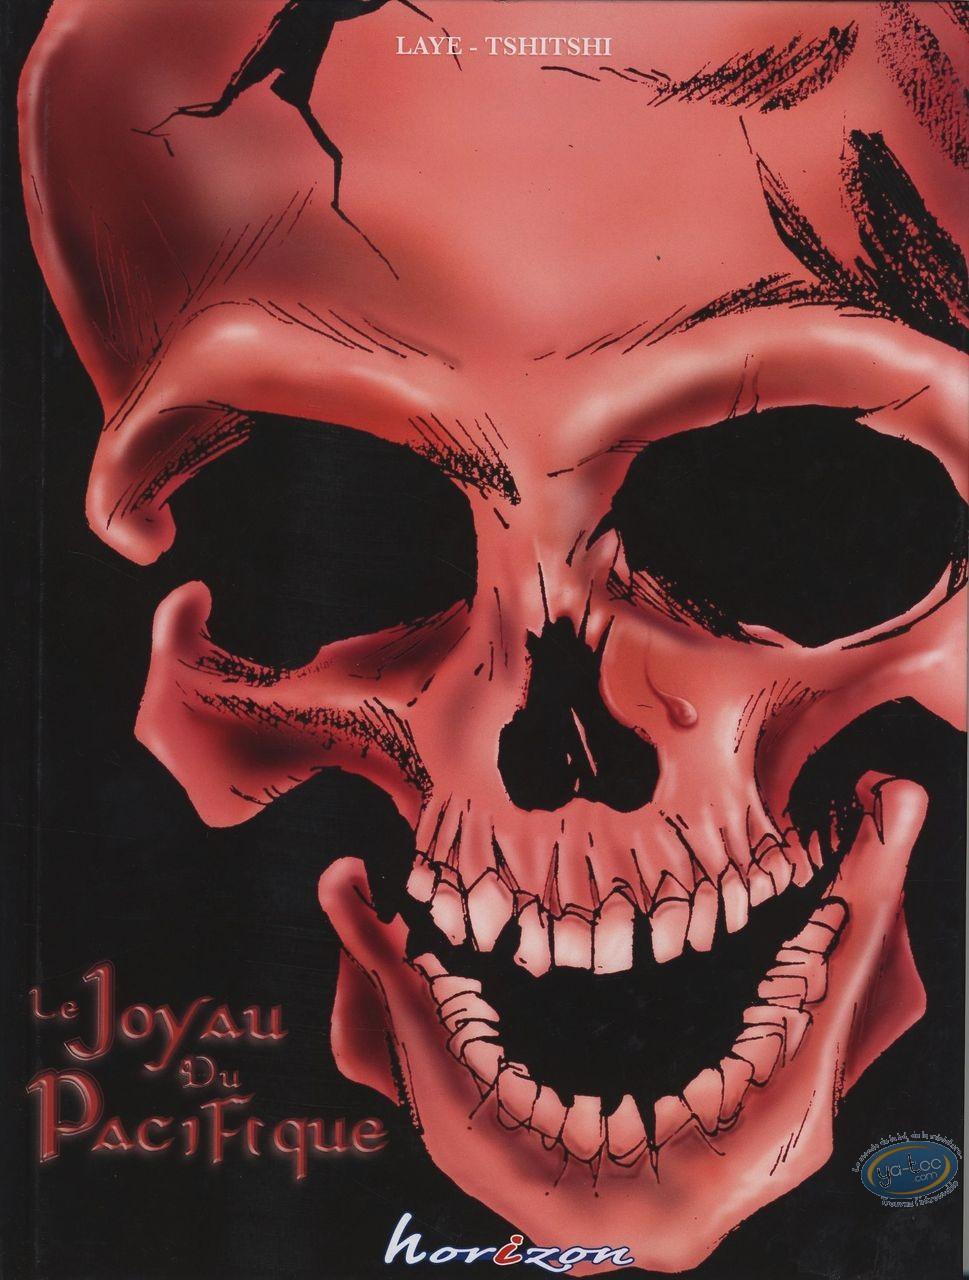 Reduced price European comic books, Joyau Pacifique (Le) : Le joyau du pacifique